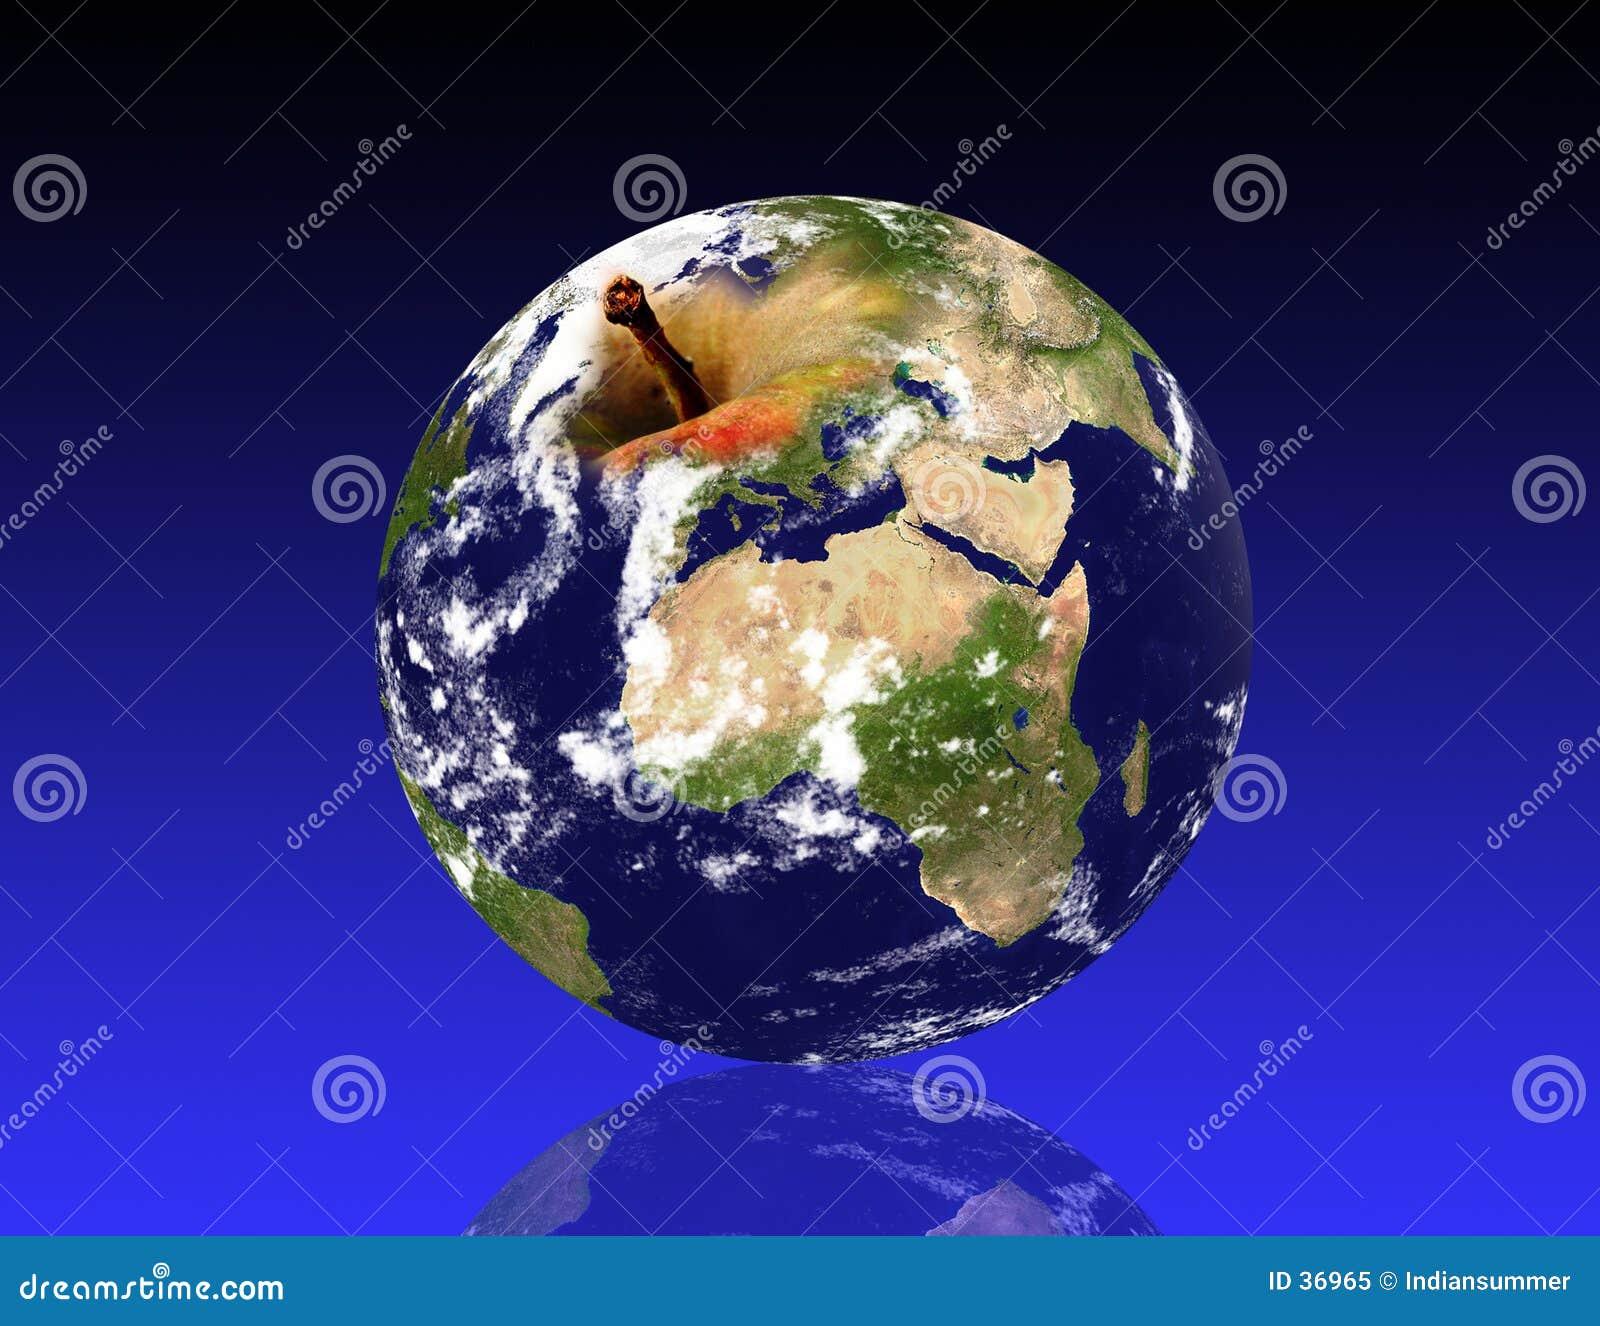 De planeet van de aarde, zoals een appel